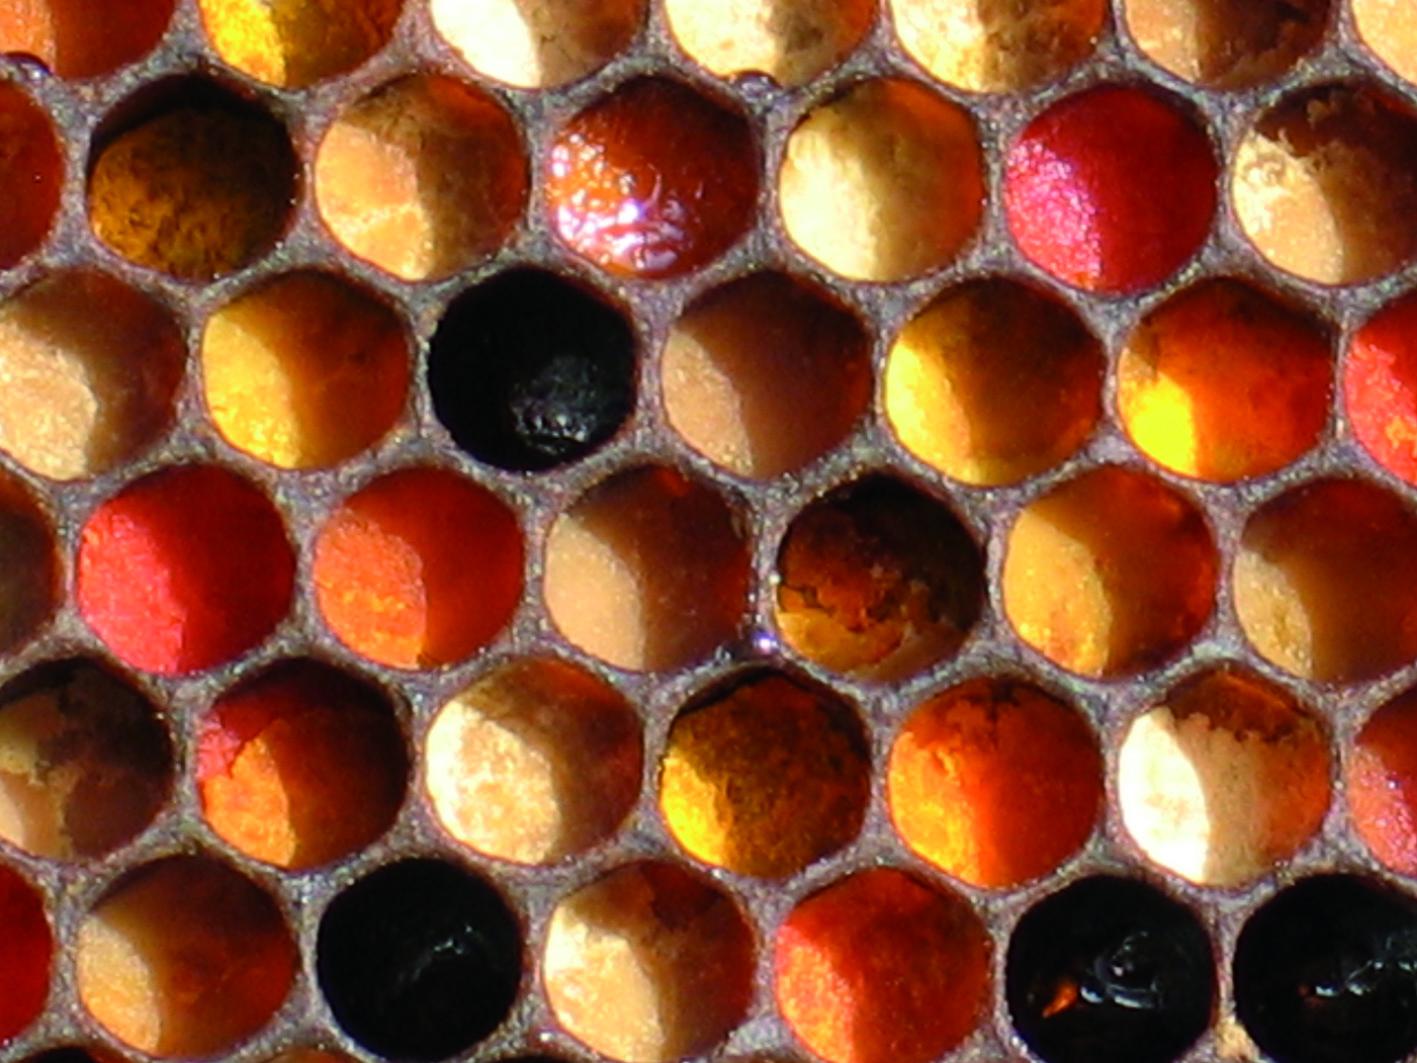 Εικόνα 1. Γύρη σε κελιά (μελισόψωμο) εφεδρεία πρωτεΐνης για την εκτροφή του γόνου.